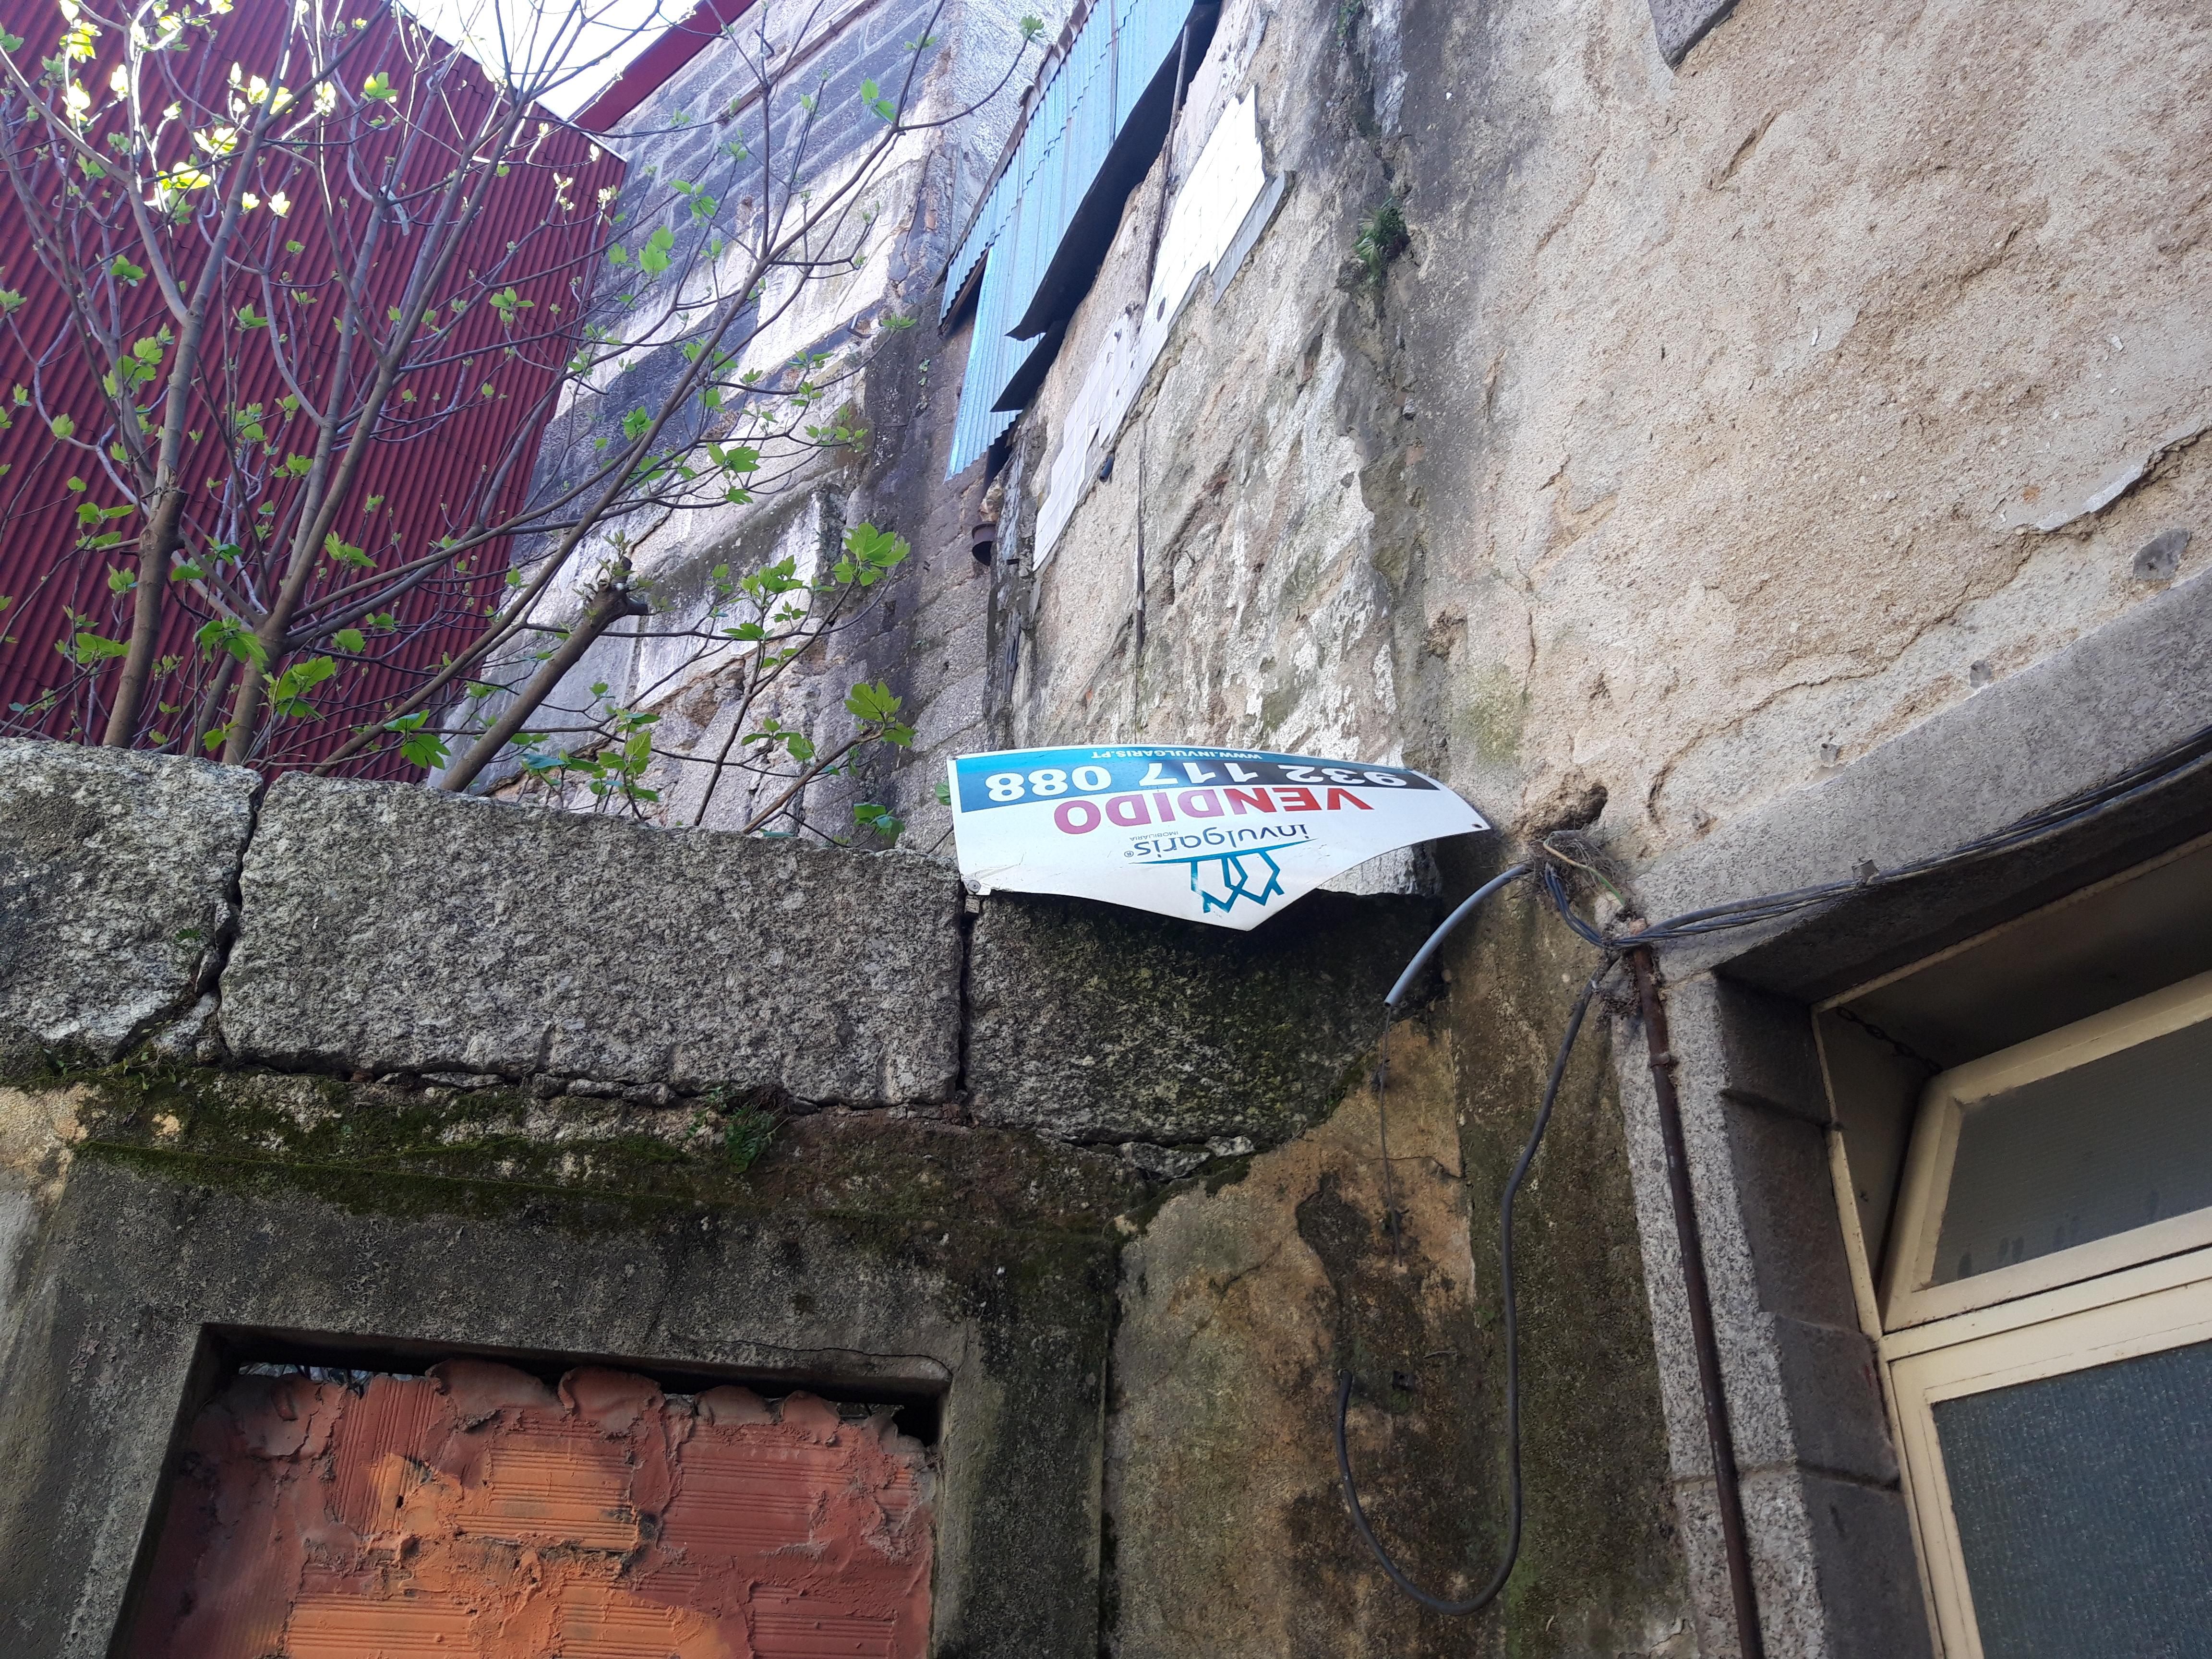 Ruínas de um prédio no centro histórico vendido recentemente.  / Elisabete Soares